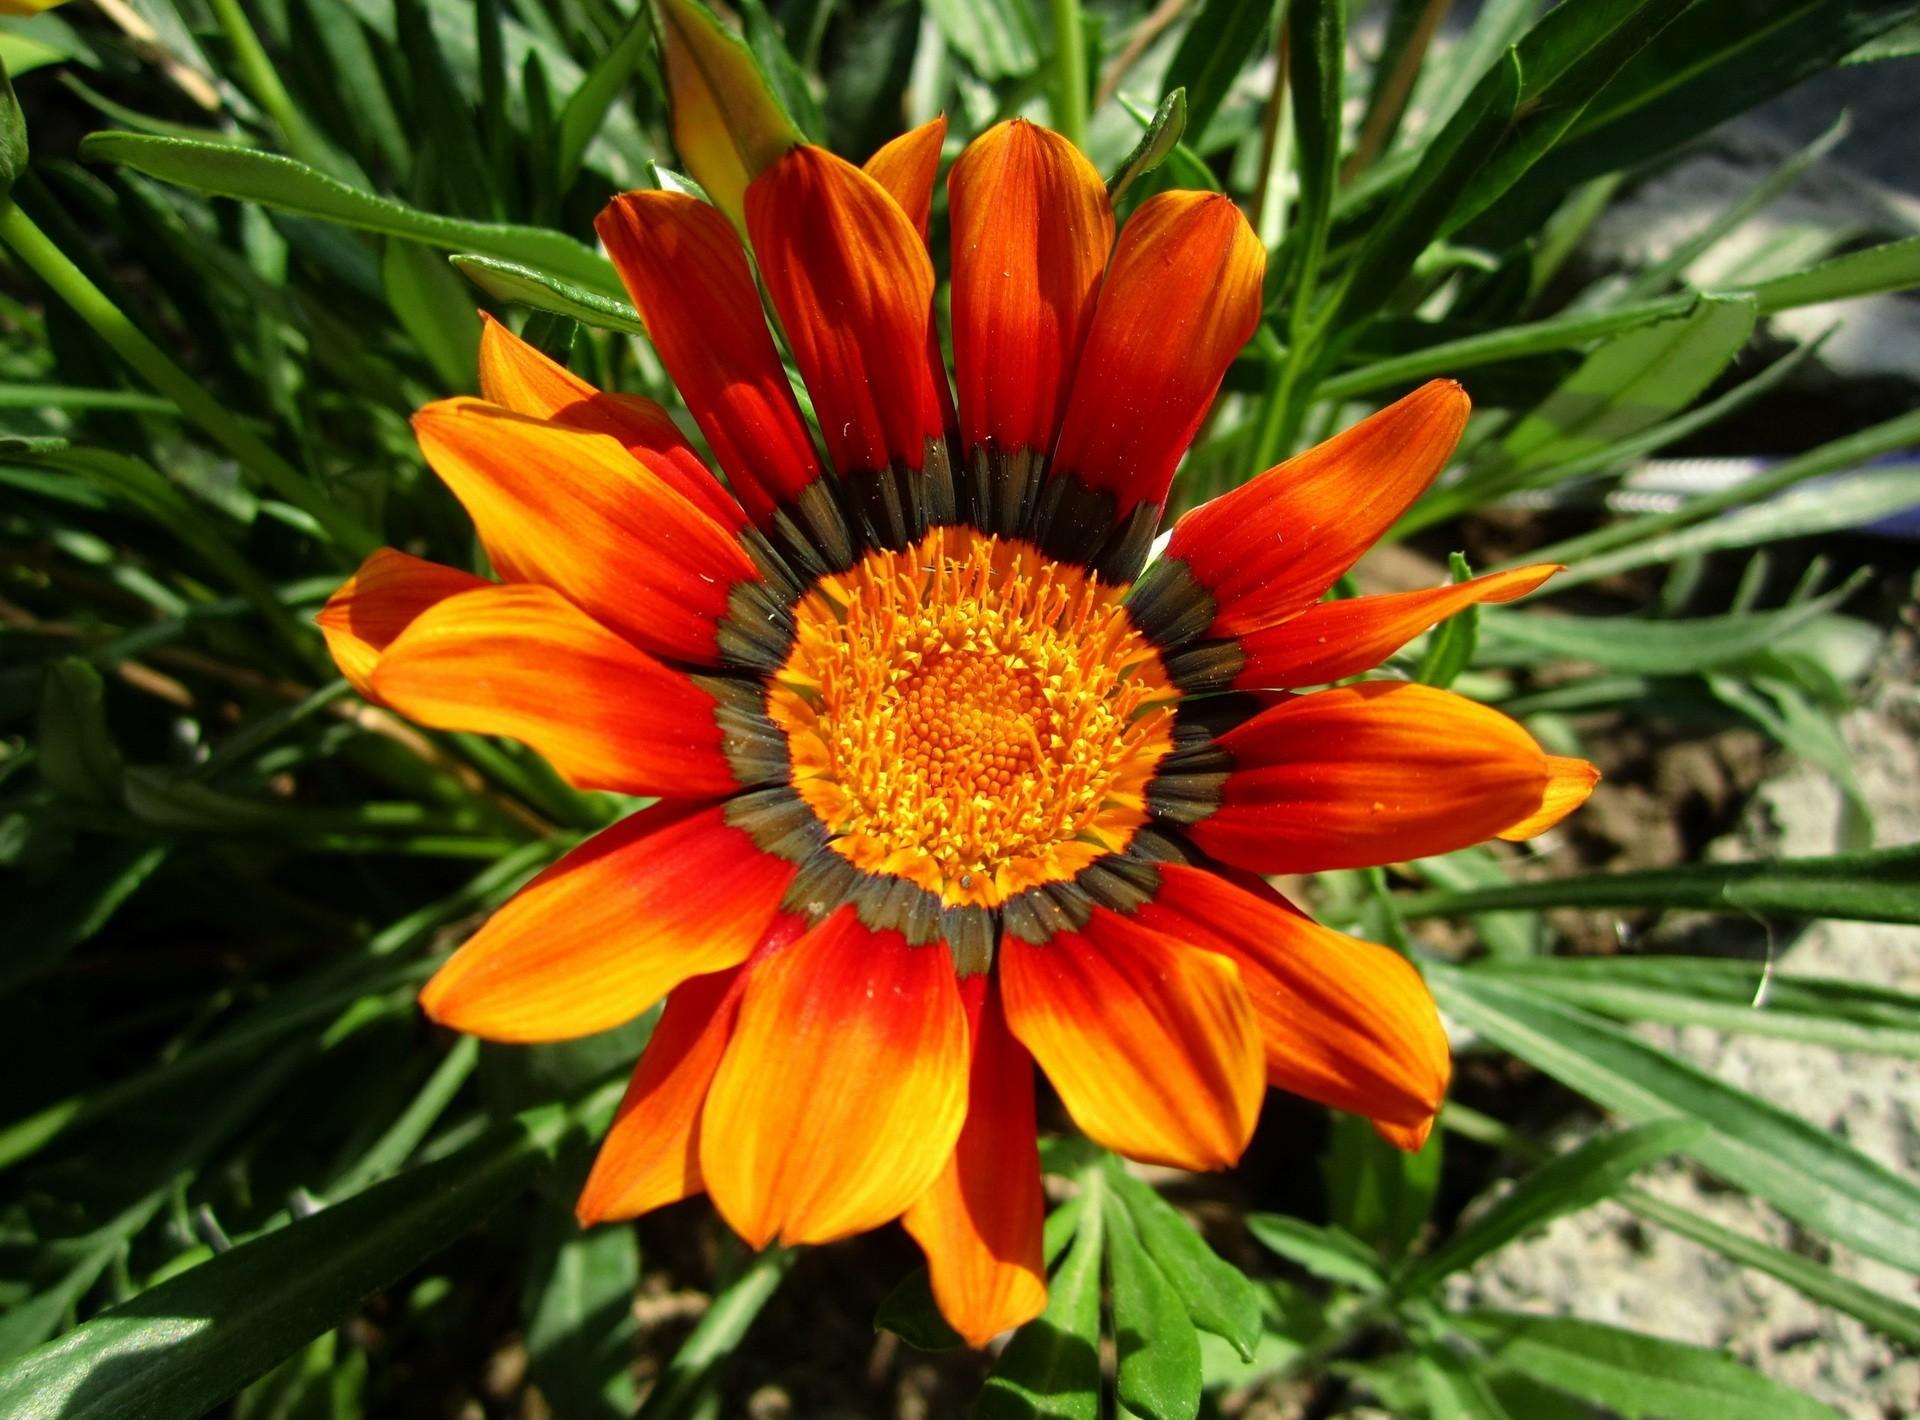 118972 скачать обои Цветы, Газания, Цветок, Клумба, Зелень, Грунт, Крупный План - заставки и картинки бесплатно